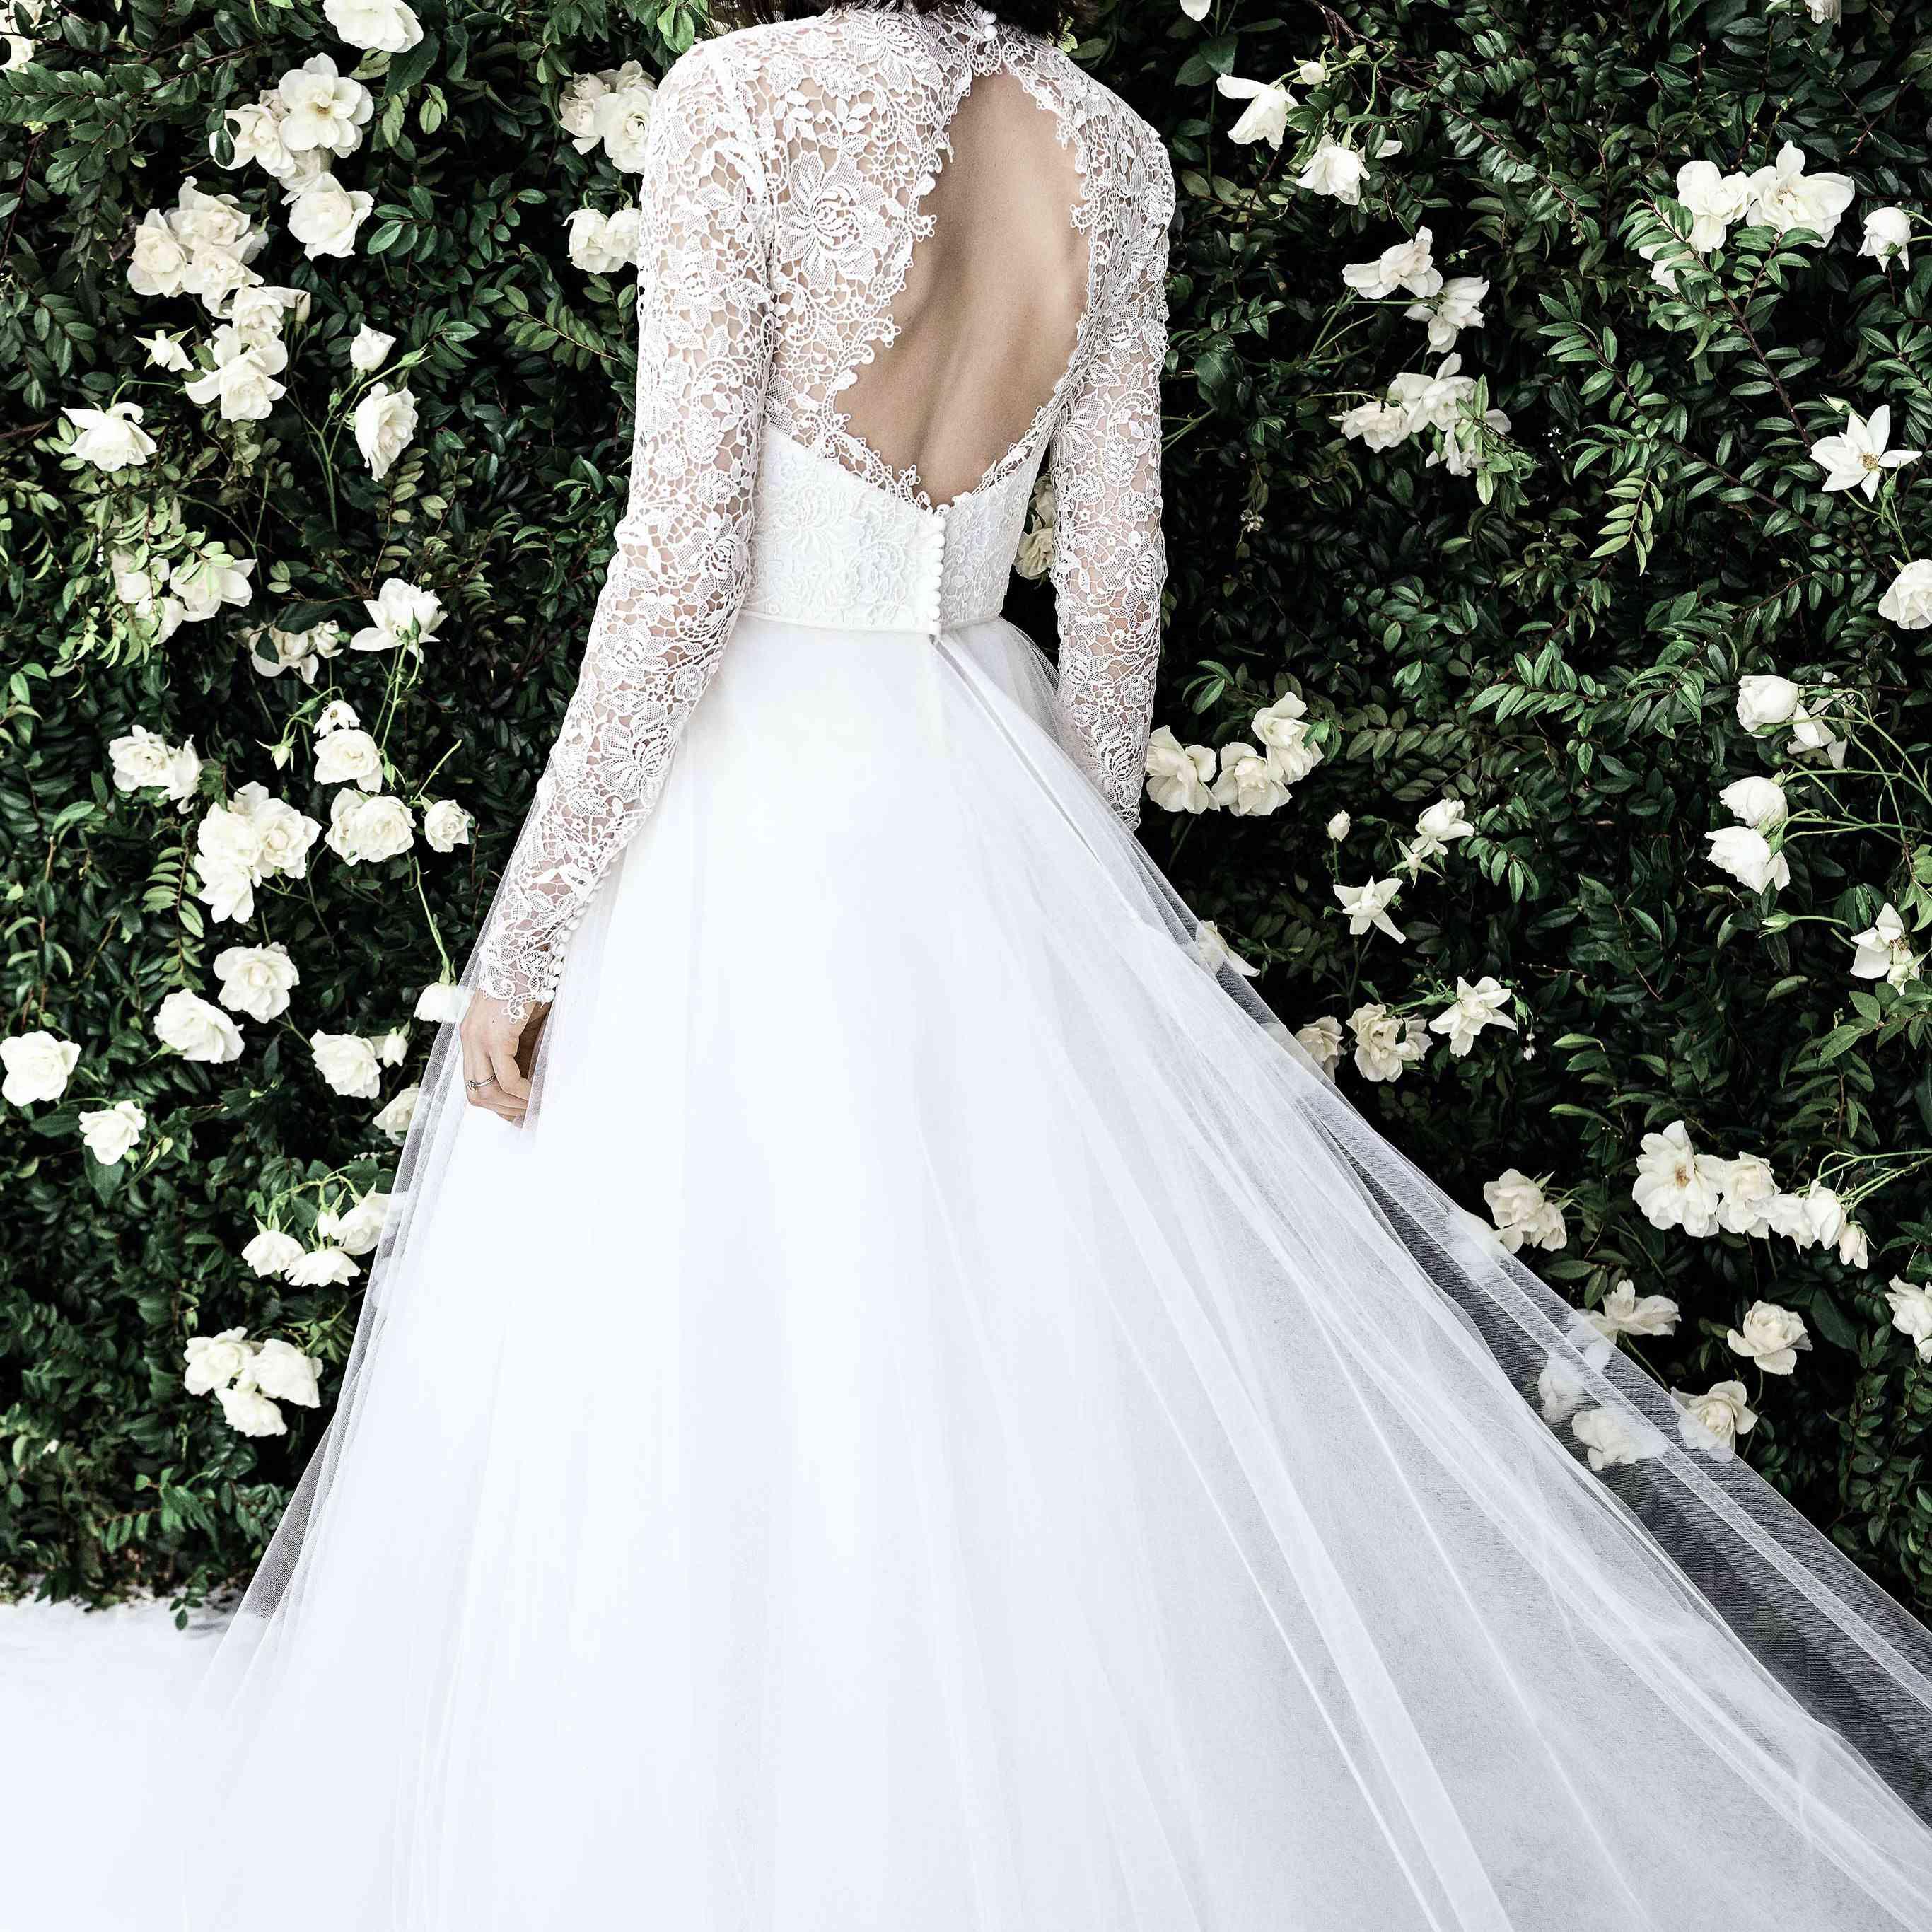 Carolina Herrera Wedding Dress.Carolina Herrera Bridal Spring 2020